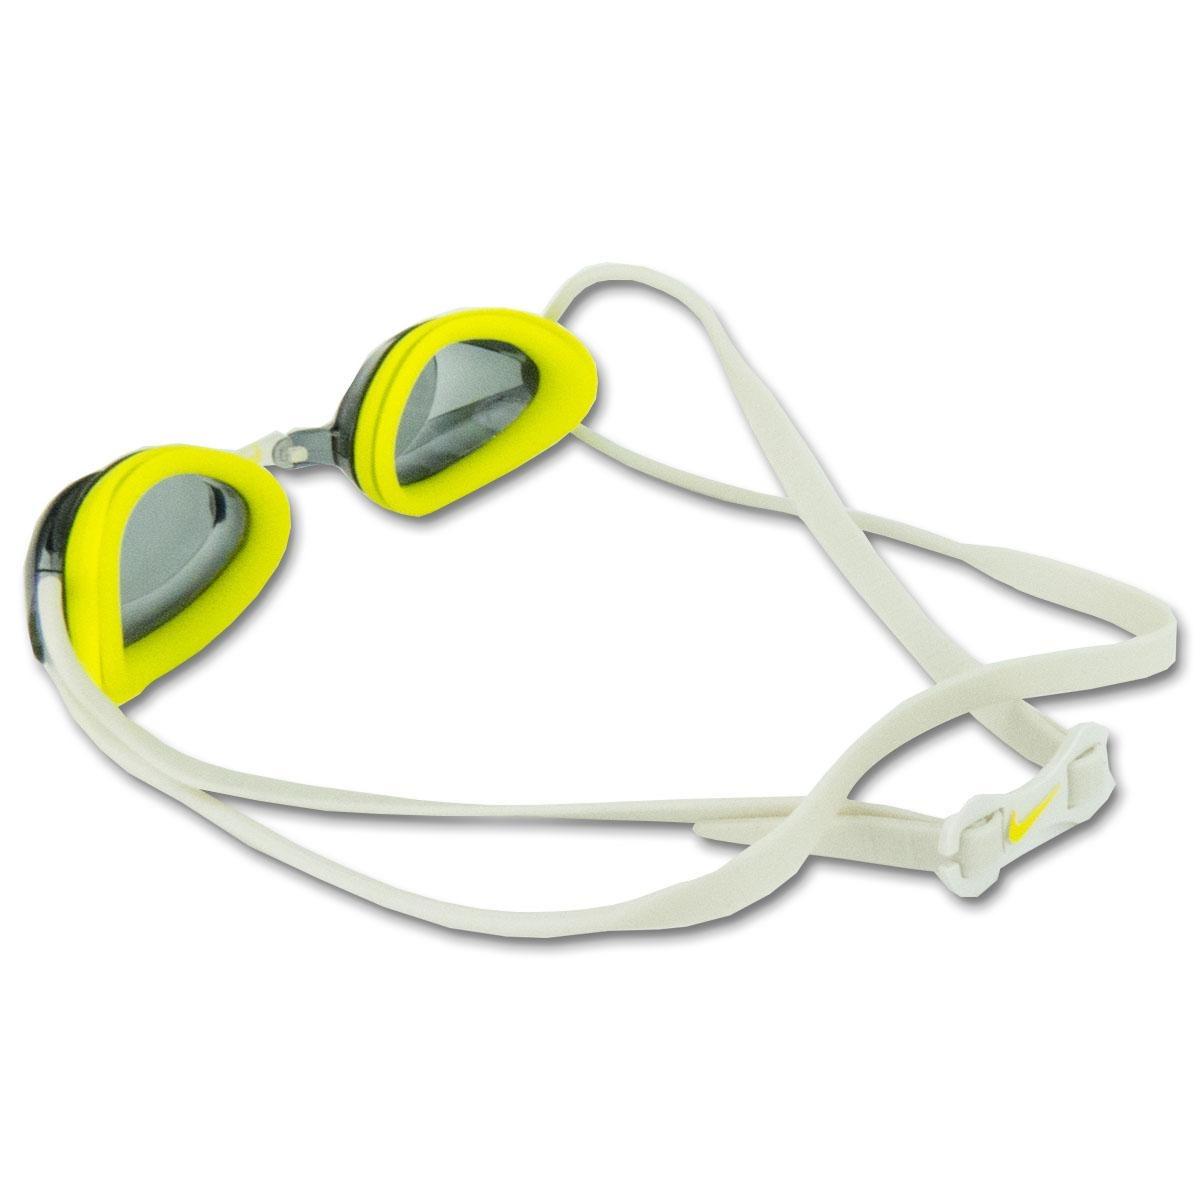 ac2a2a85acd78 Óculos De Natação Nike Remora Br - Medinas - R  130,91 em Mercado Livre